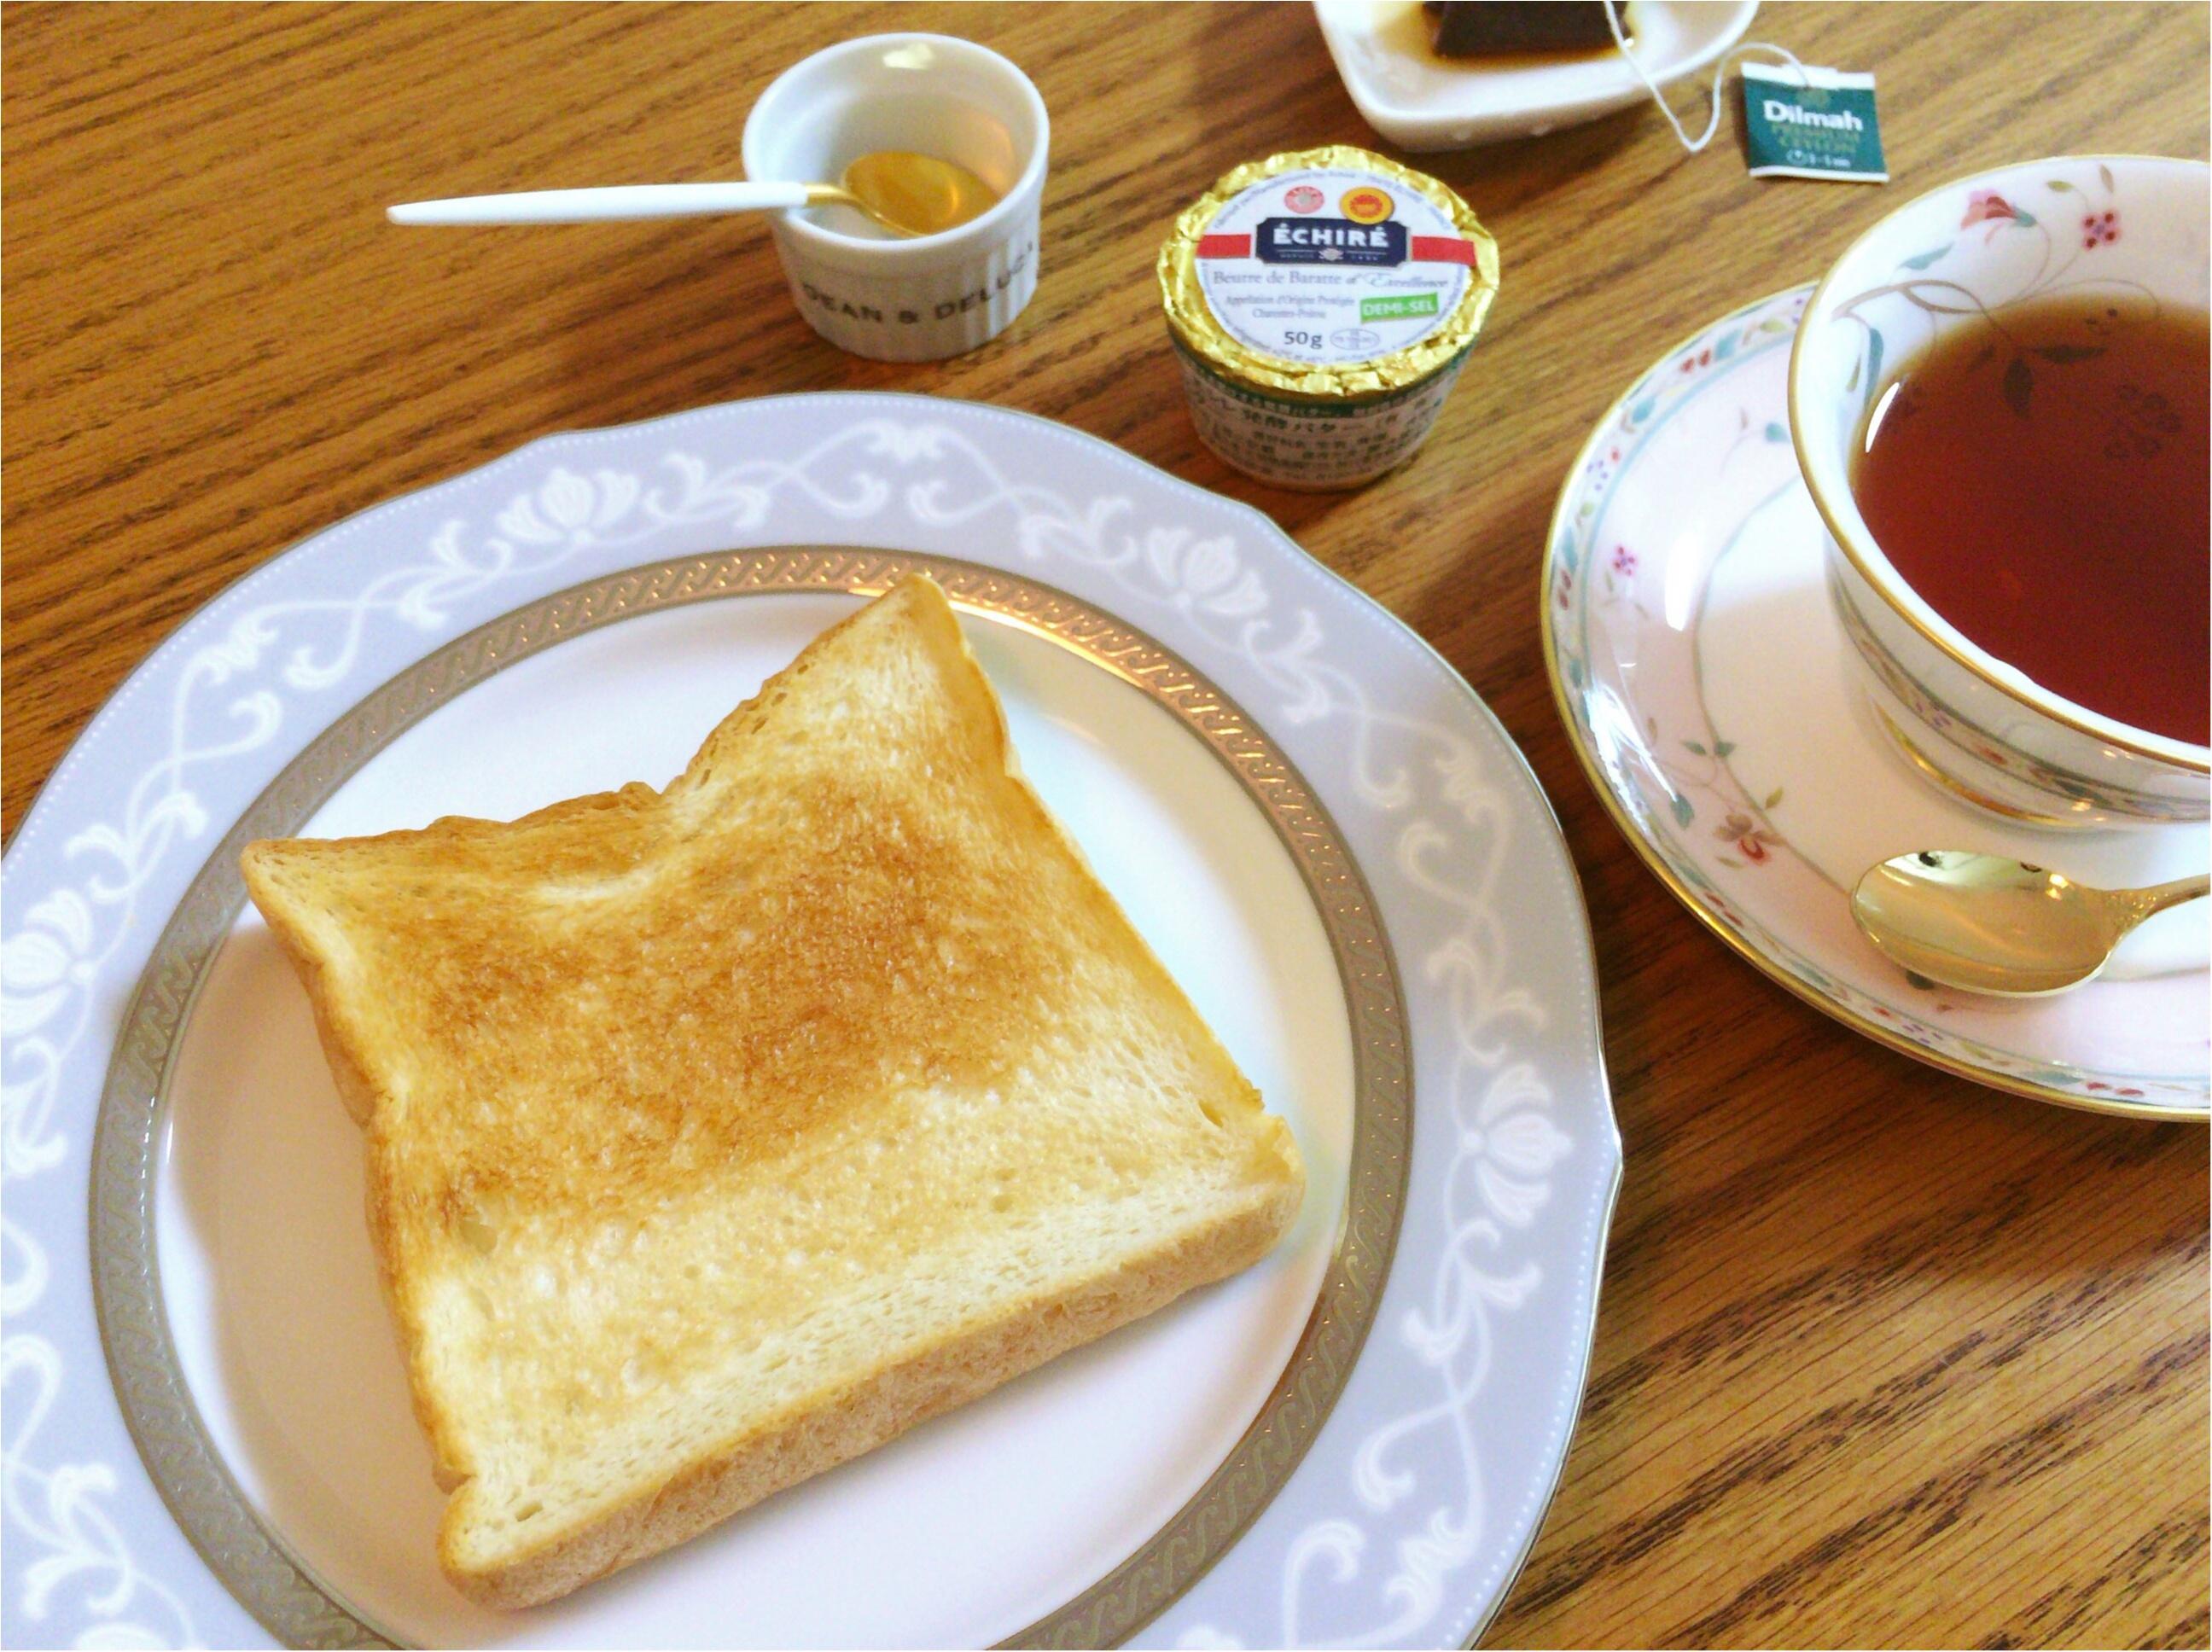 赤ちゃん肌もちふわ♡食パン専門店《春日》大阪北摂エリア【限定】だけど、美味しいので紹介します!_5